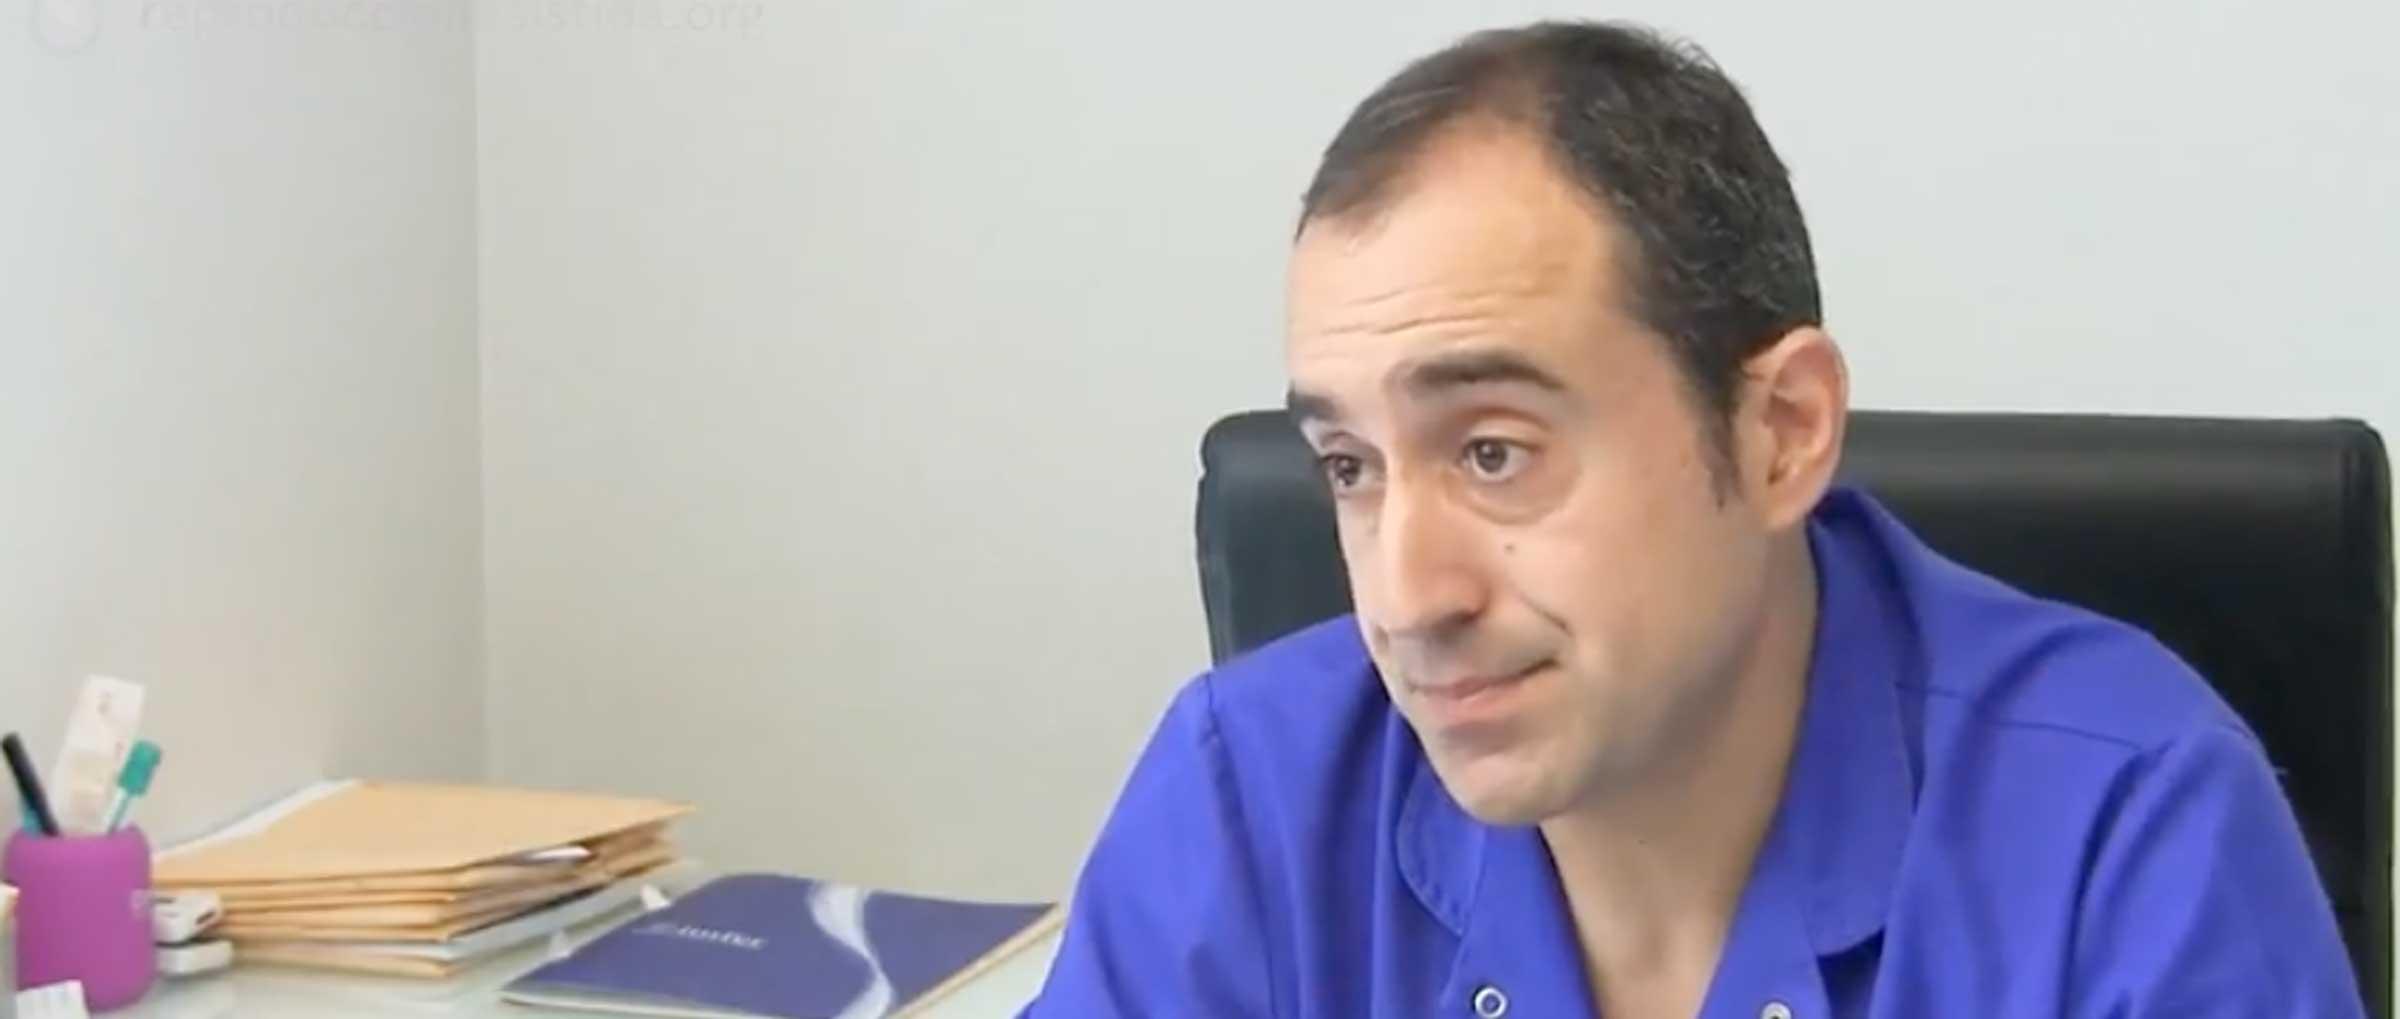 Interview du Dr José Sánchez sur l'ICSI